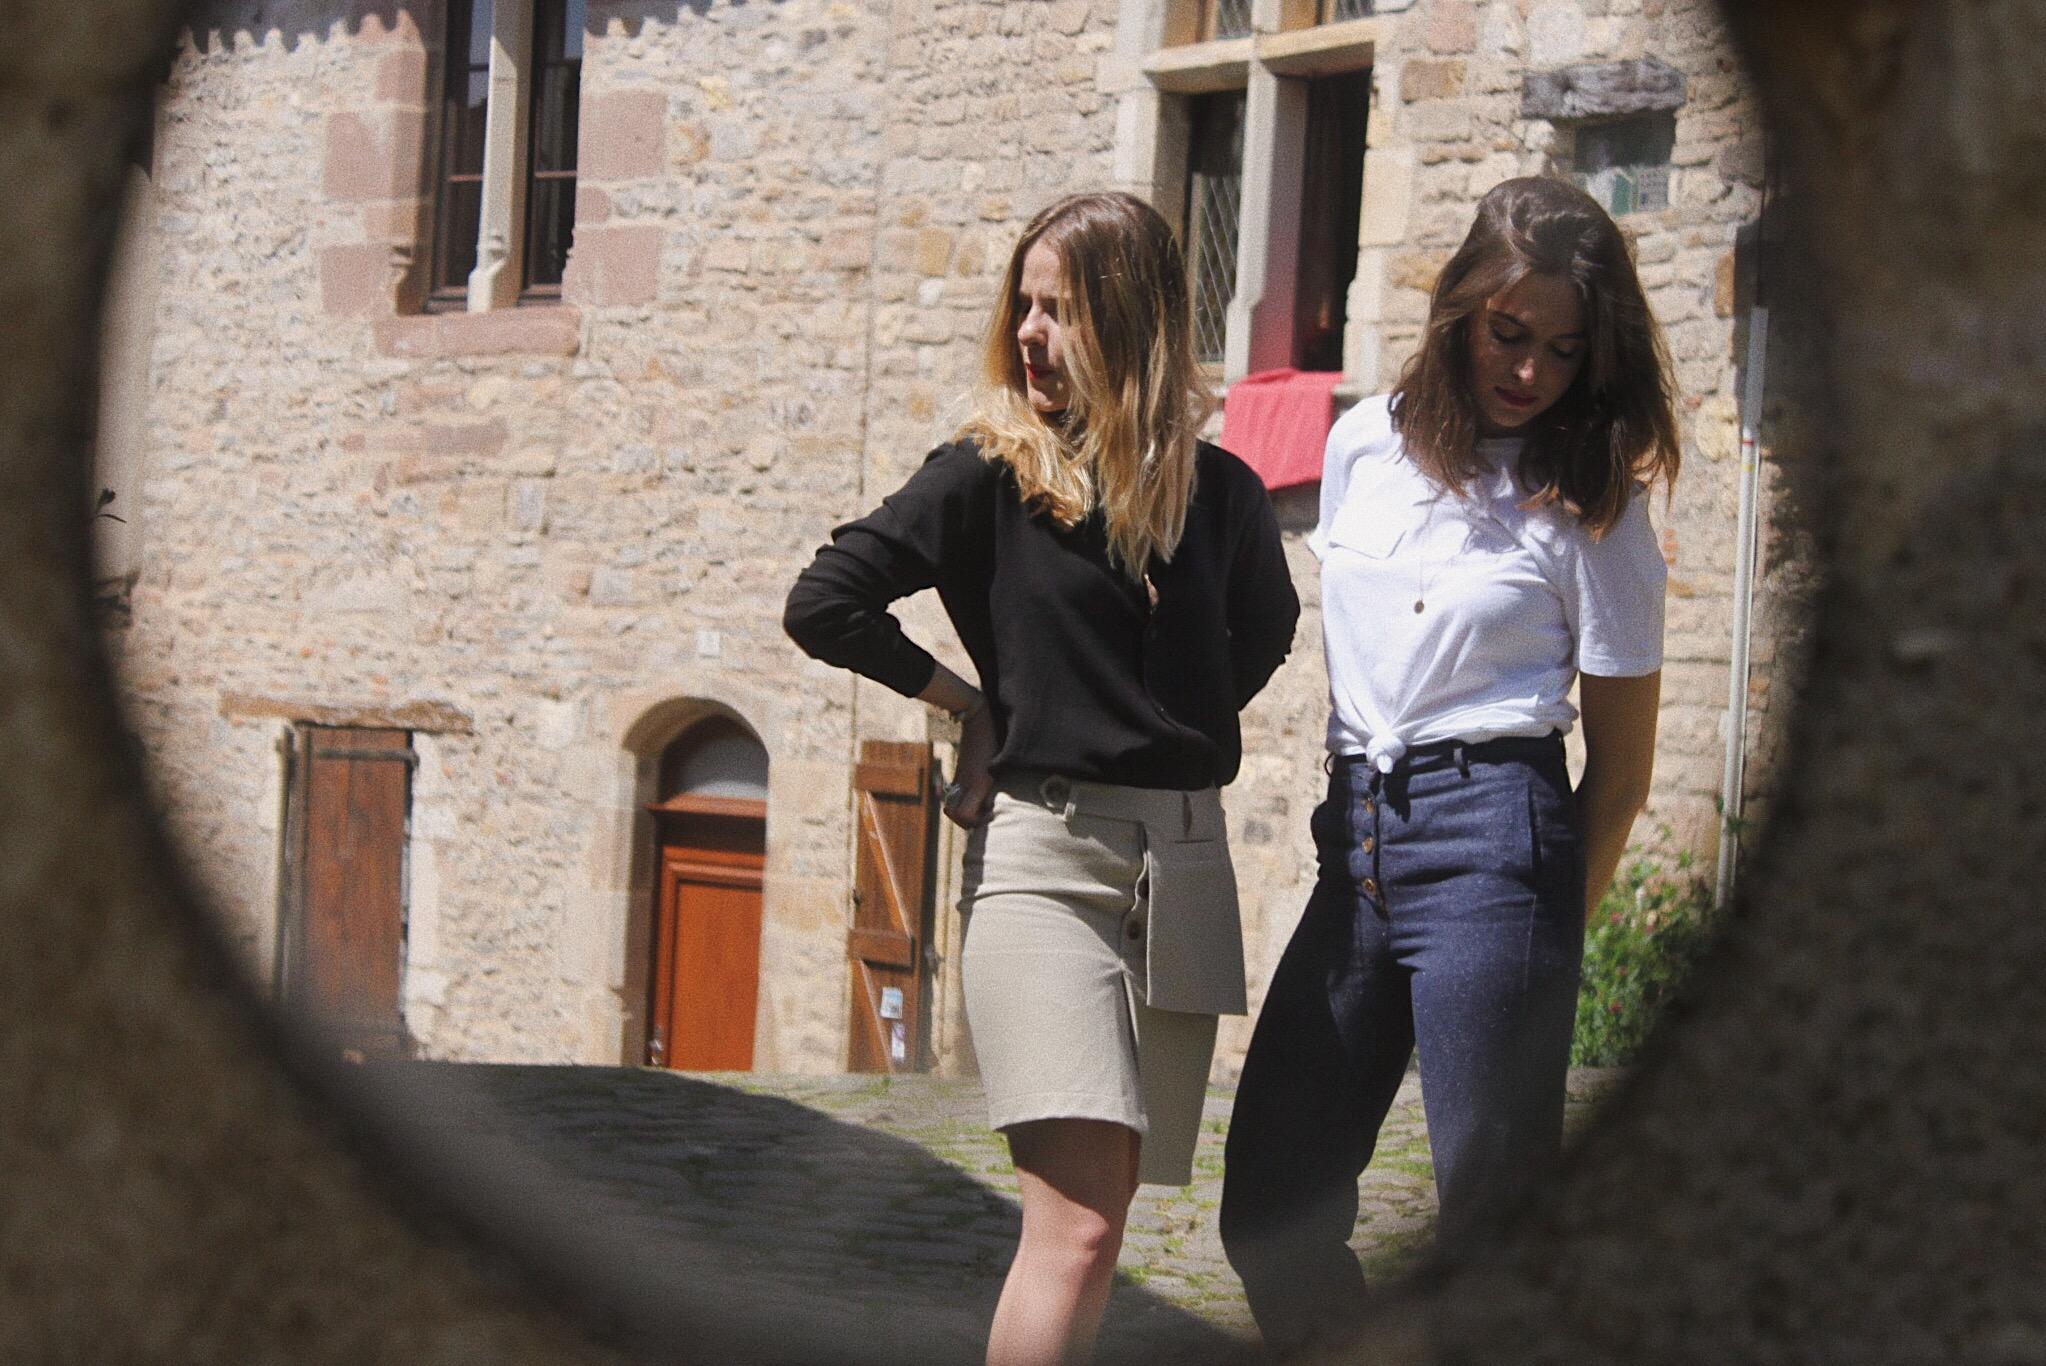 Pierrette & Yvonne - Une mode simple et intemporelle, créée en France à partir de matières recyclées. →